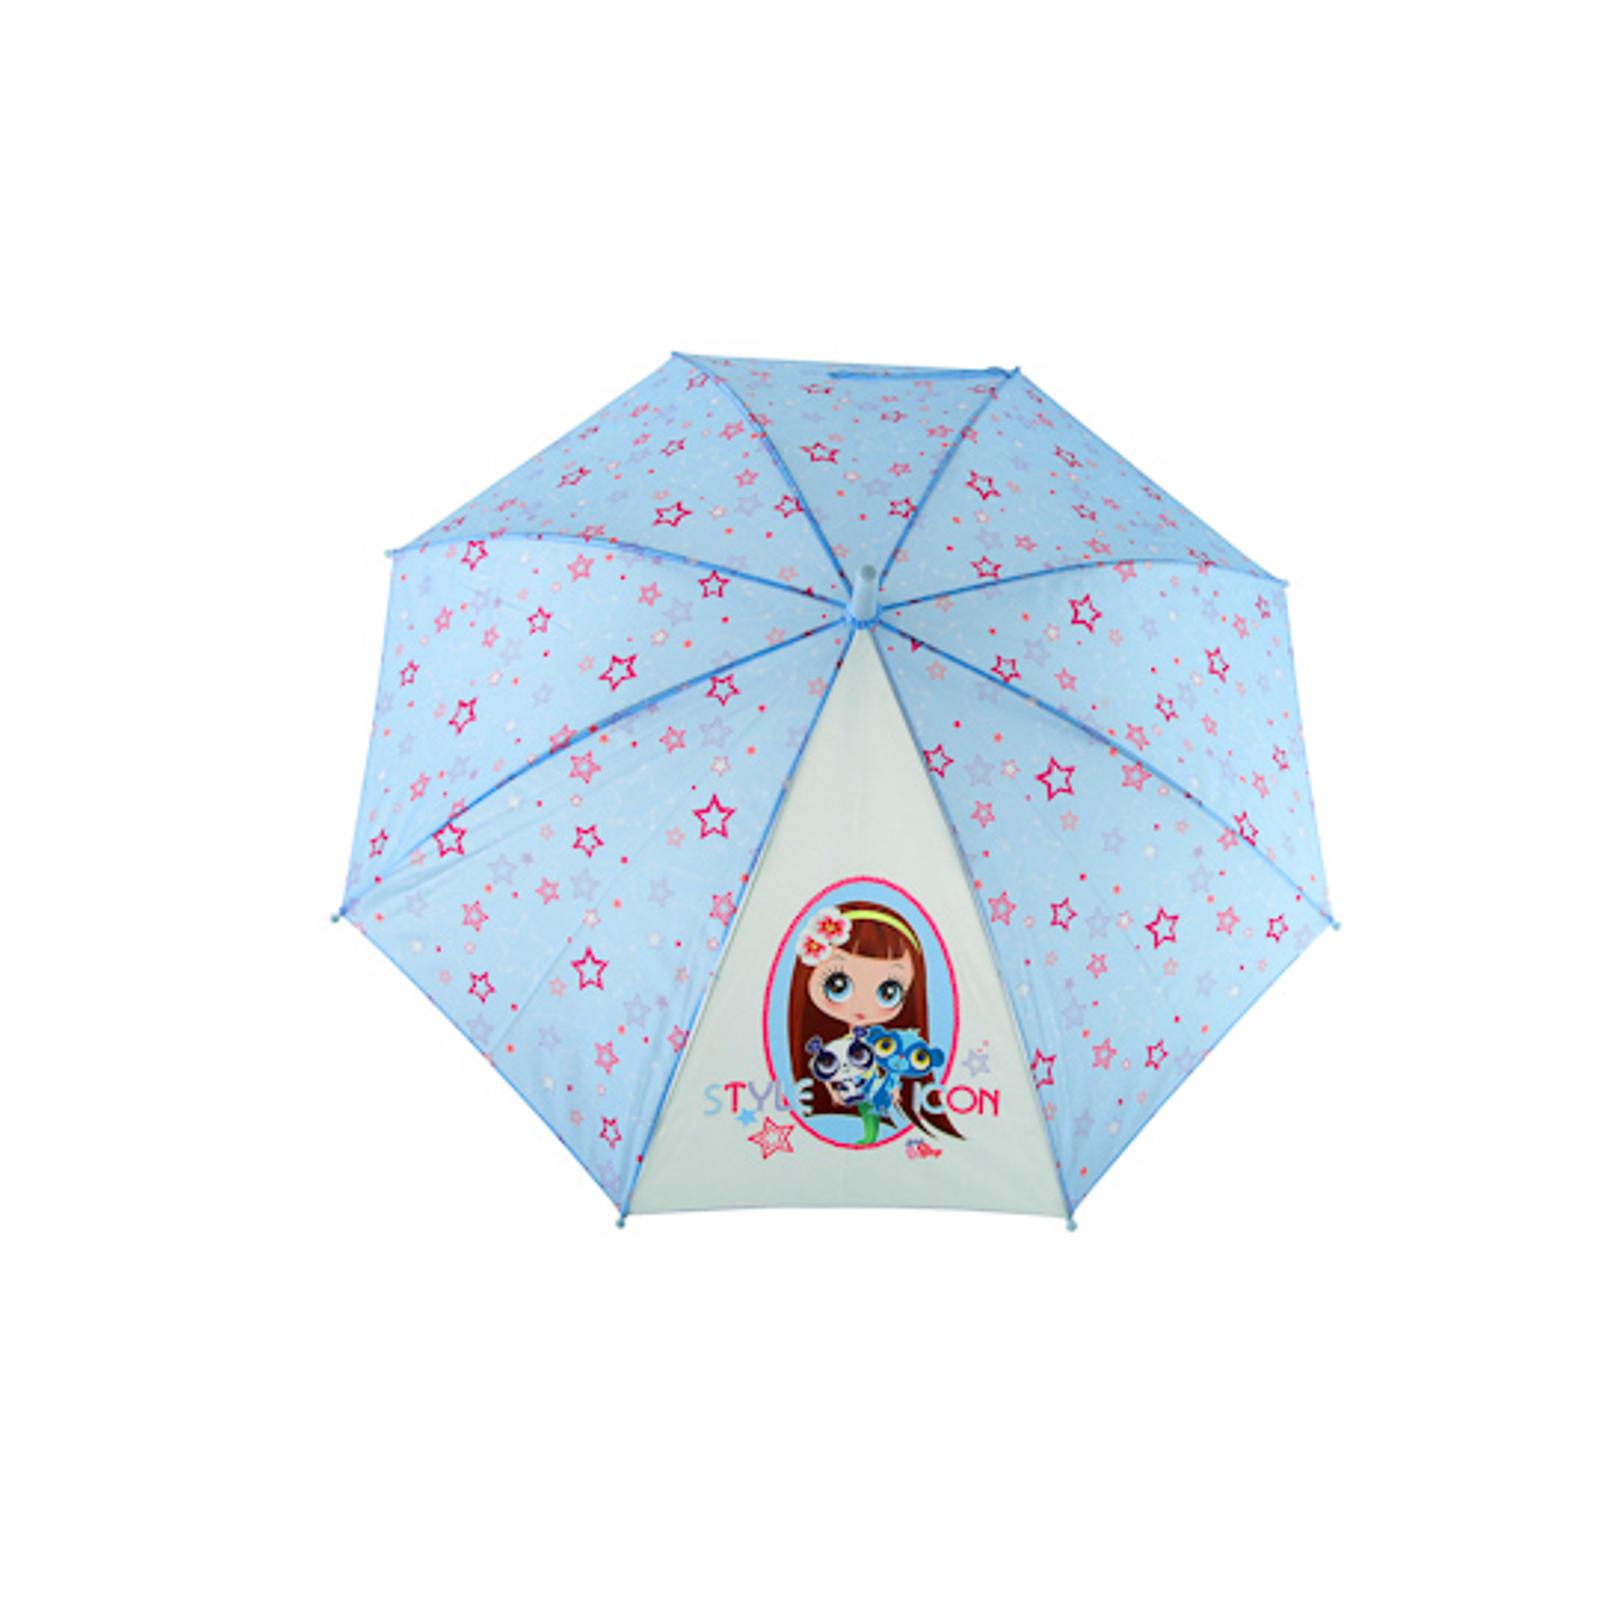 Зонт Littlest Pet Shop Голубой со звёздами 18 см.